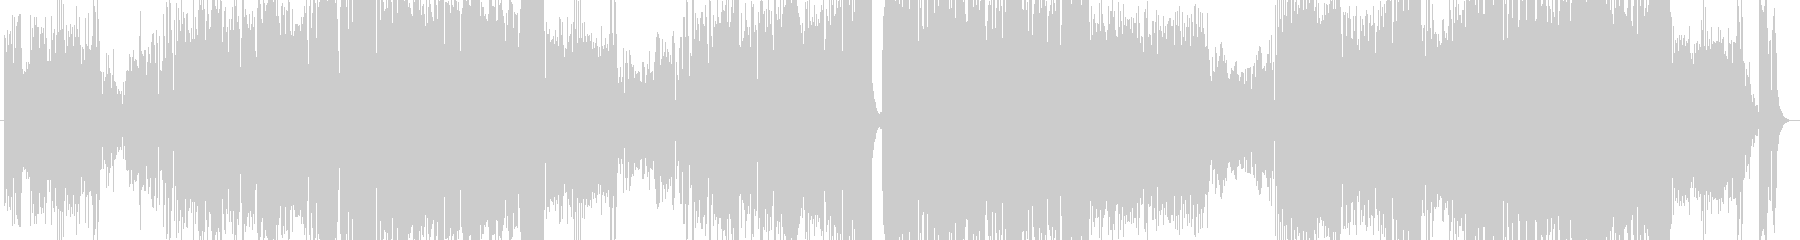 ポップロックアニソン系電脳ソングの未再生の波形